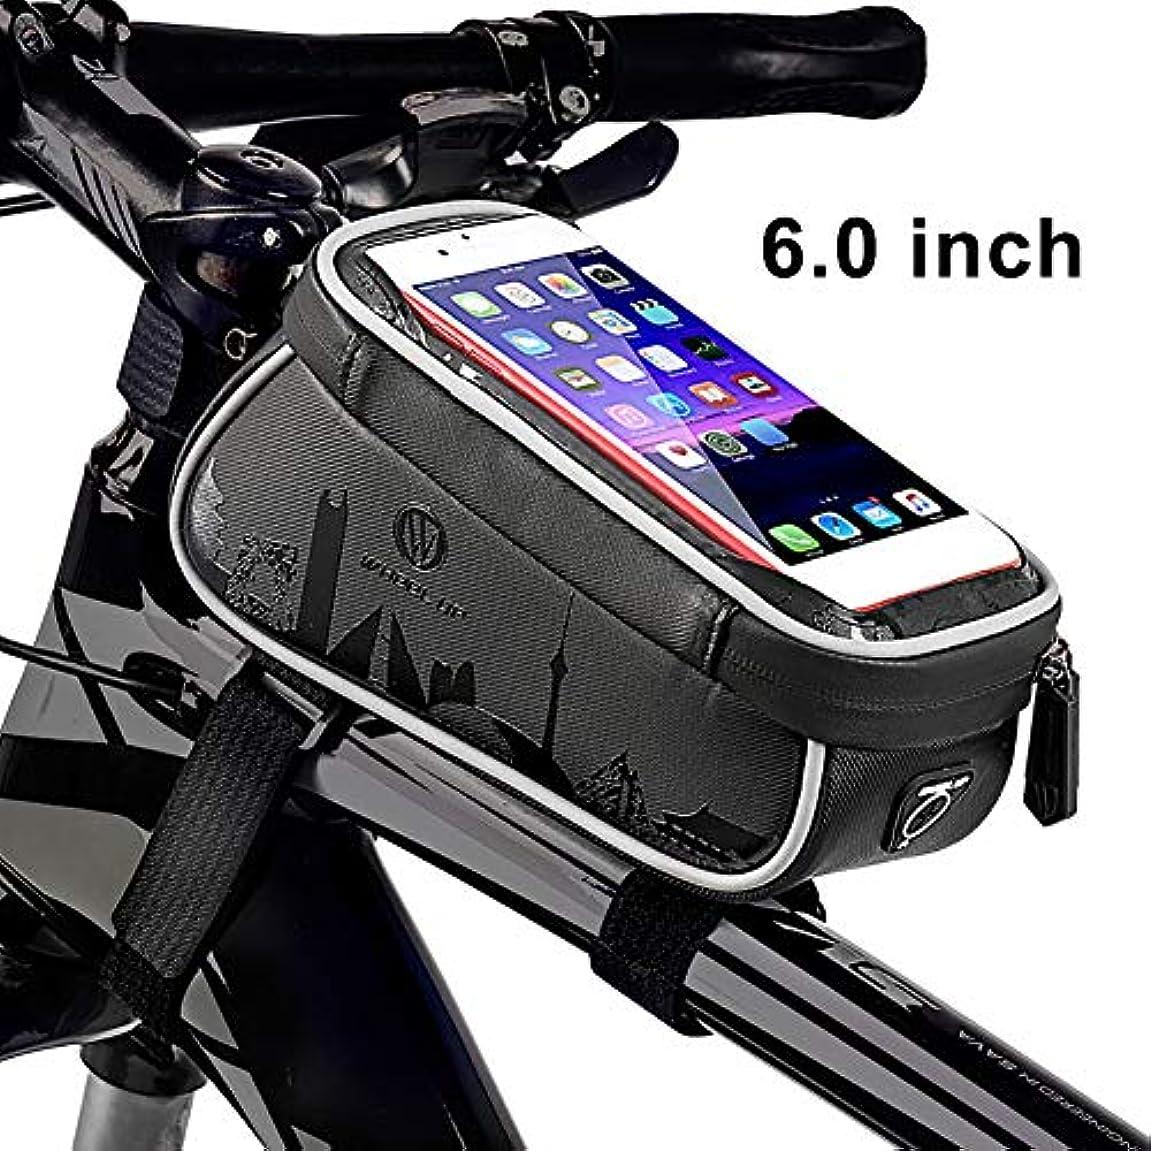 多様な熟した店主hAohAnwuyg 自転車トップチューブバッグ ホイールアップ自転車 フロントフレームトップチューブバッグ 6インチ タッチスクリーン 携帯電話ポケットホルダー - ブラック